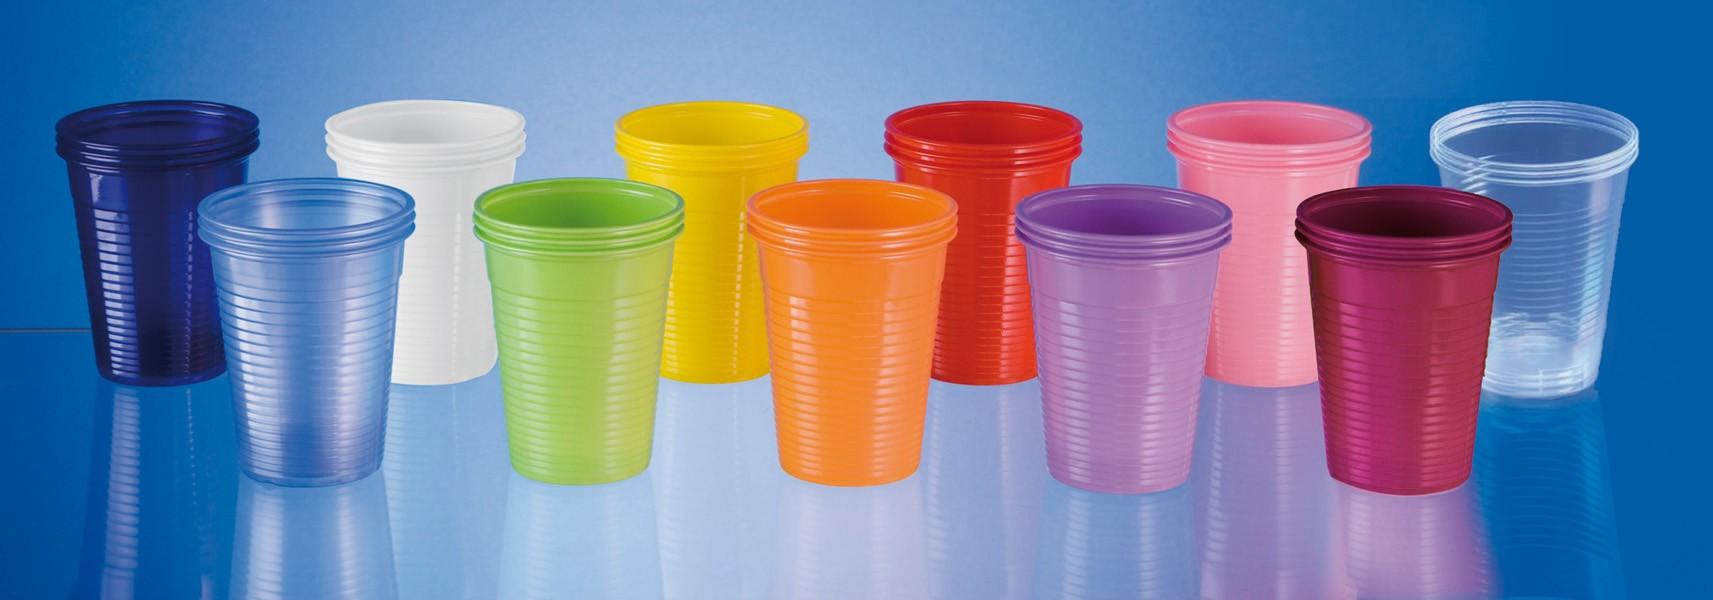 TOP CUPS PP